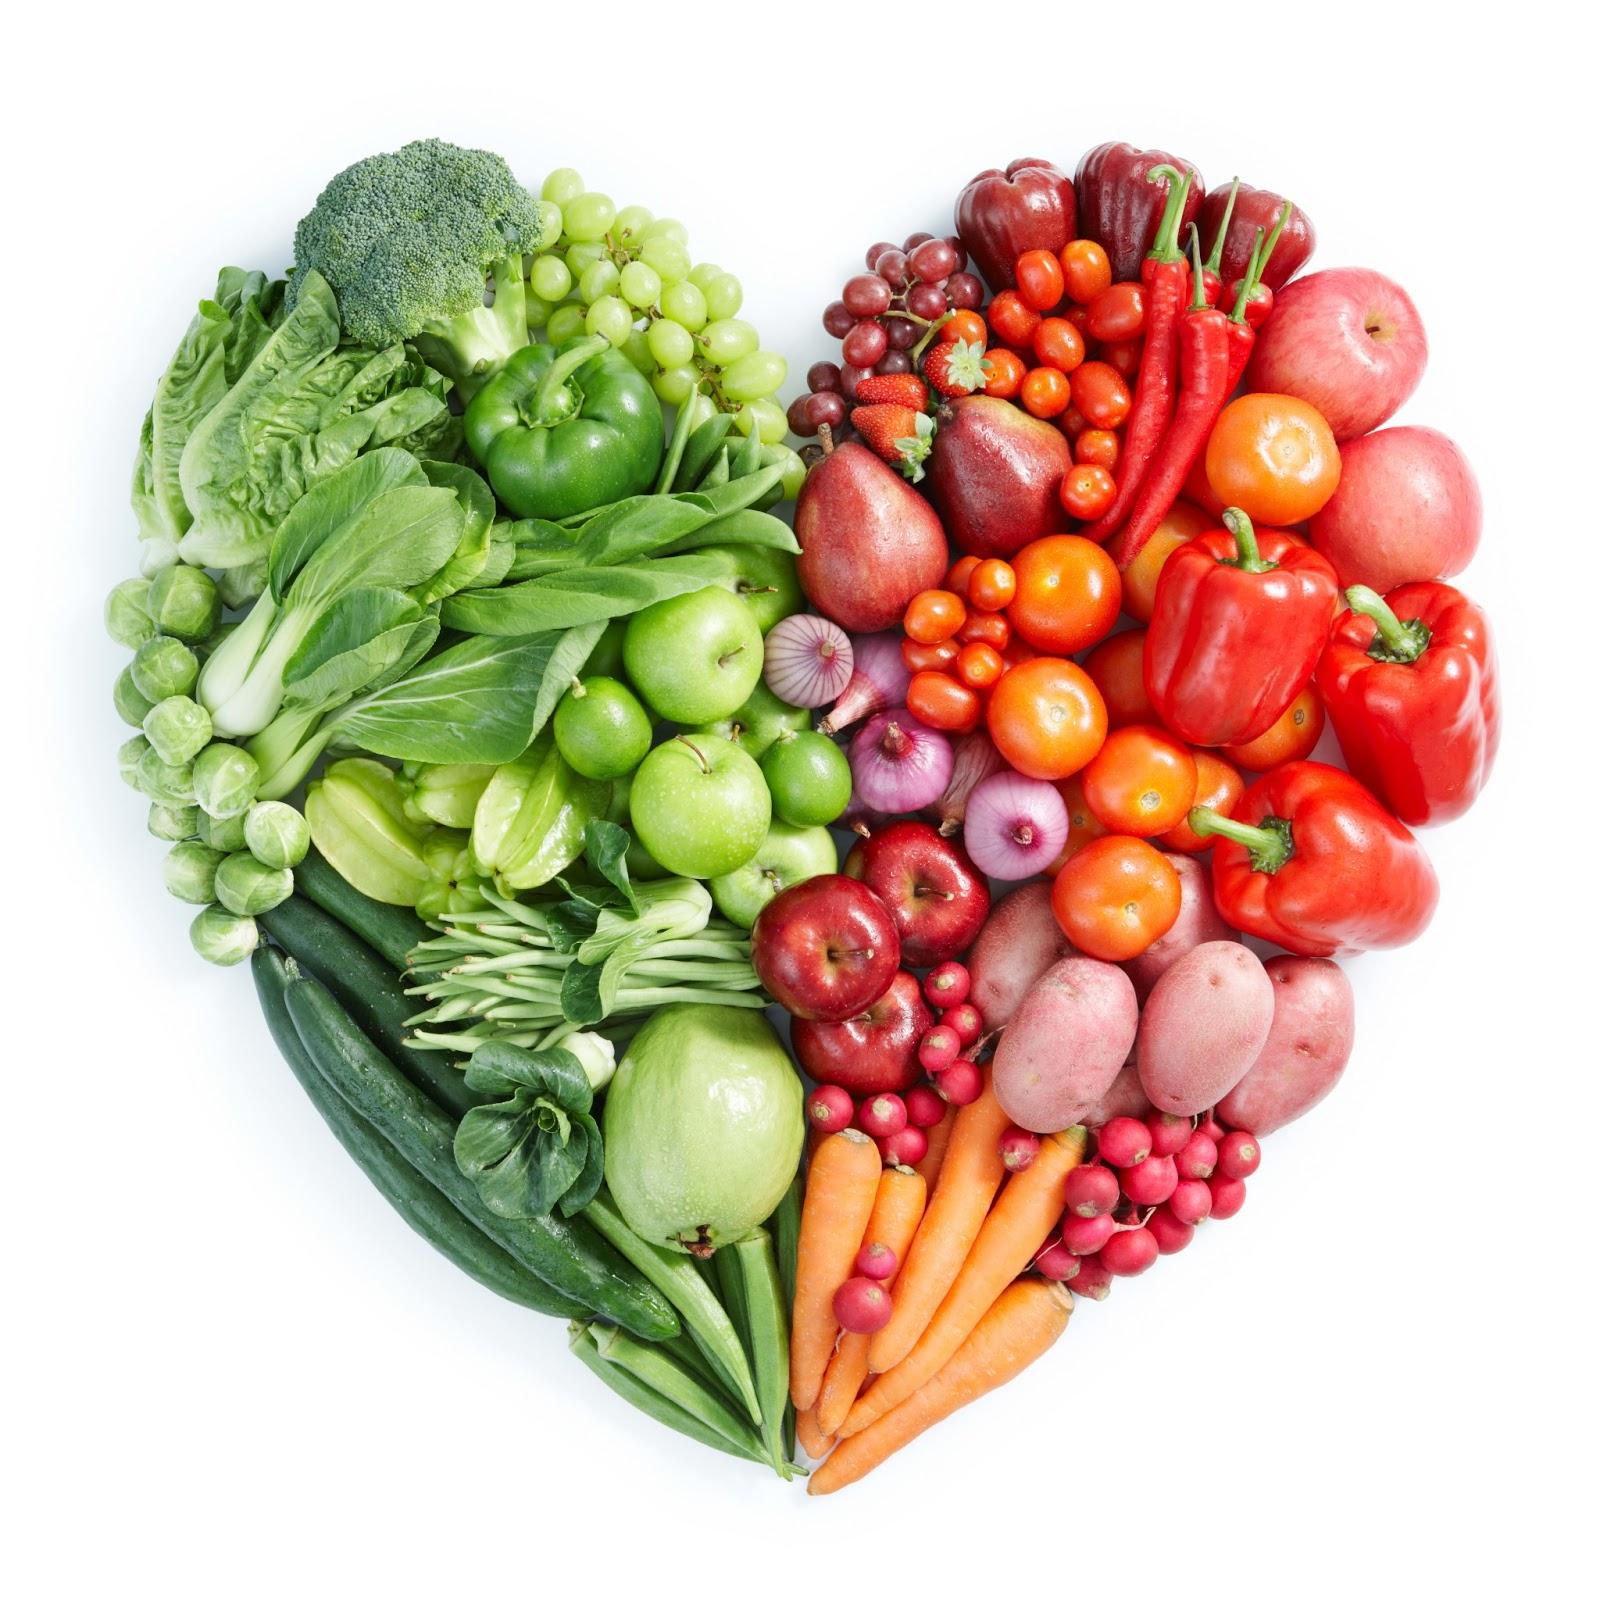 Убираем лишнюю химию из овощей и фруктов – Полезные советы